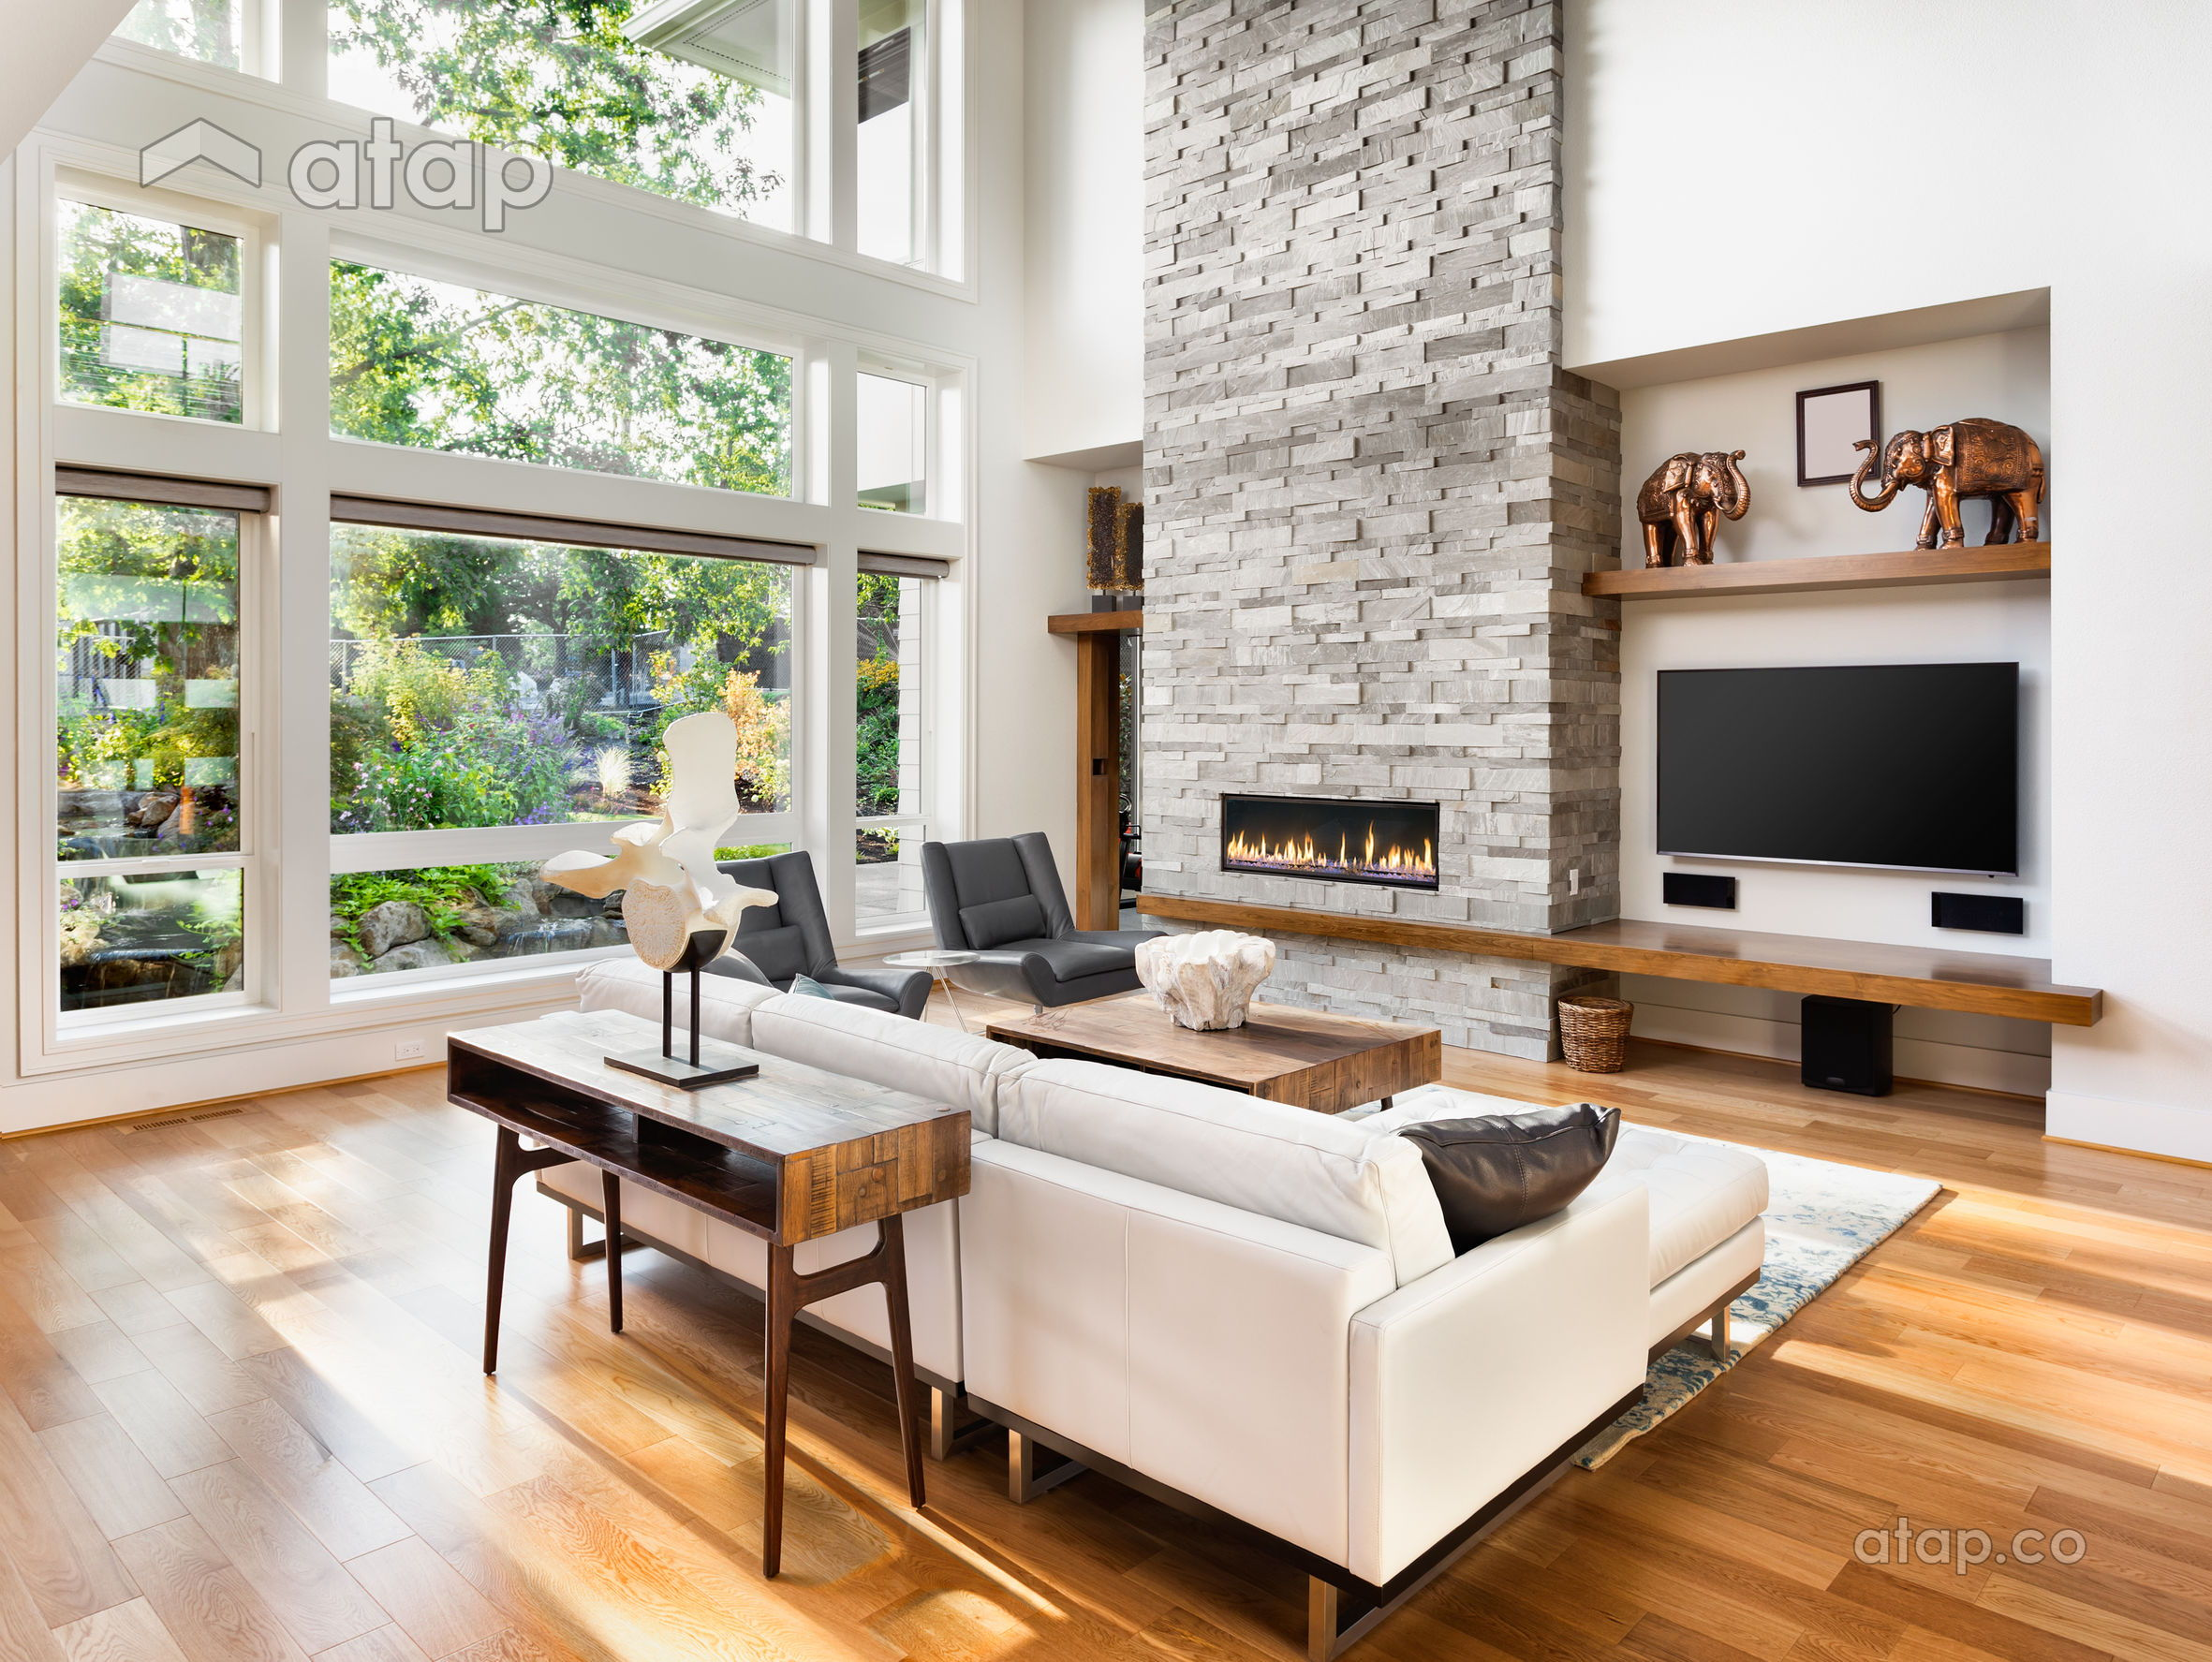 living area with hardwood floor